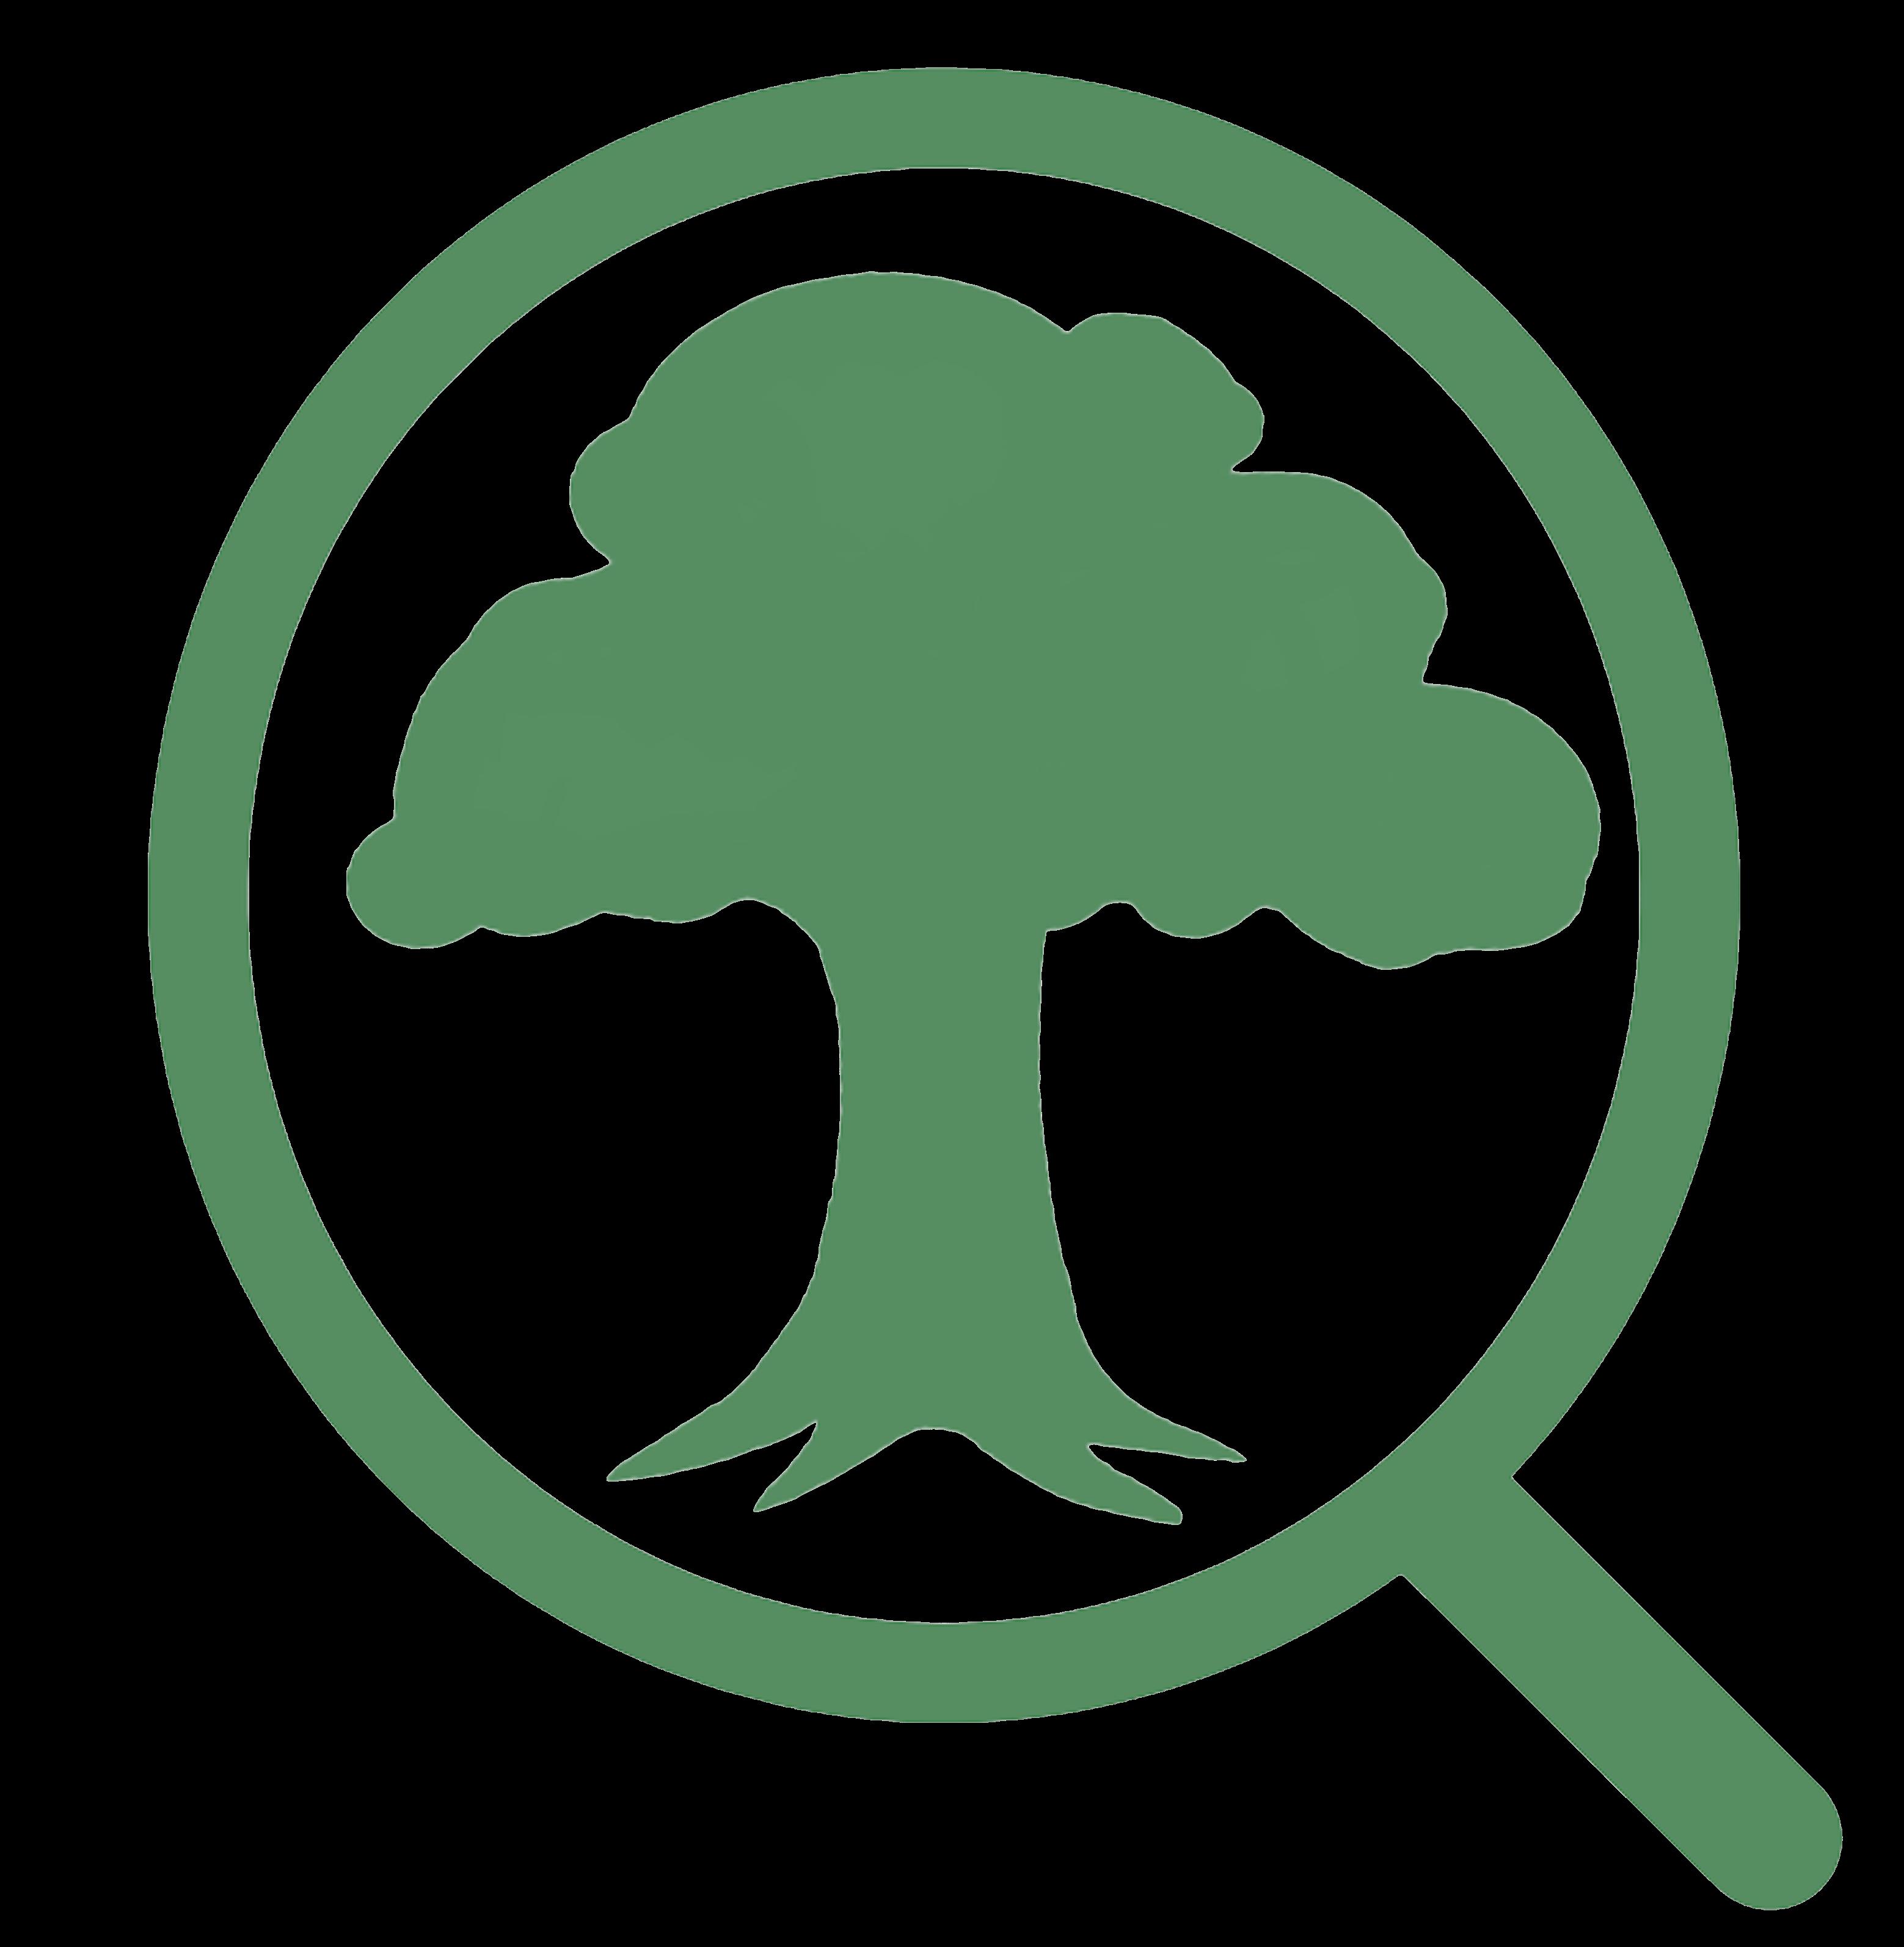 Extensão - Logomarca  - Que arvore e essa?